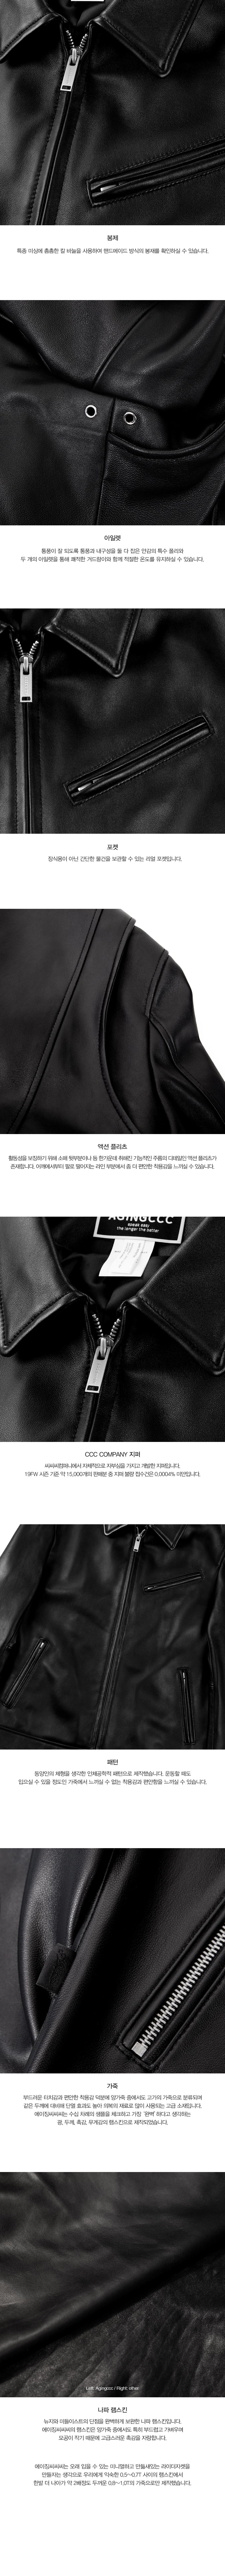 에이징씨씨씨(AGINGCCC) 램스킨 싱글 재킷 D002 454